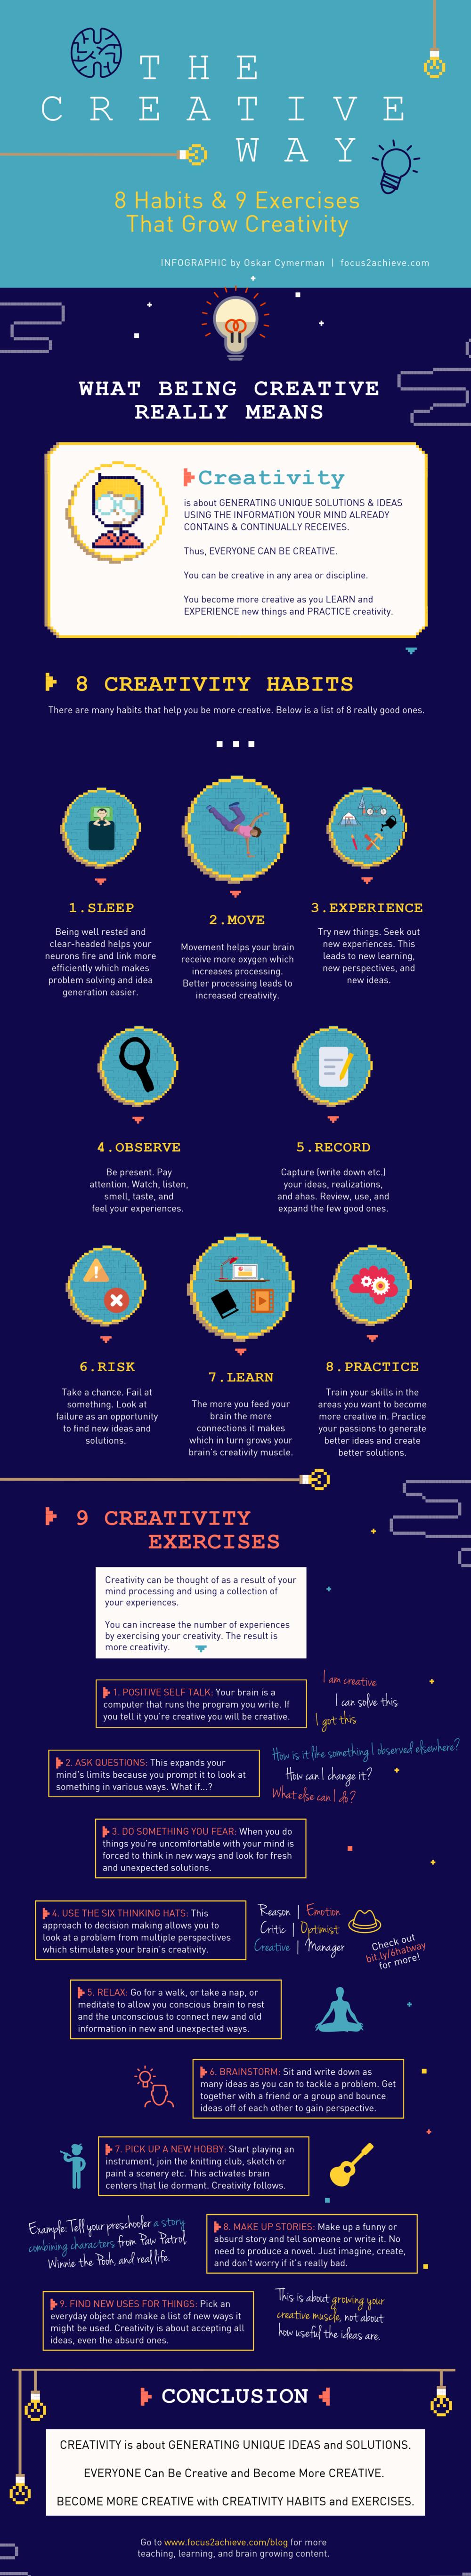 8 Habits & 9 Exercises That Grow Creativity